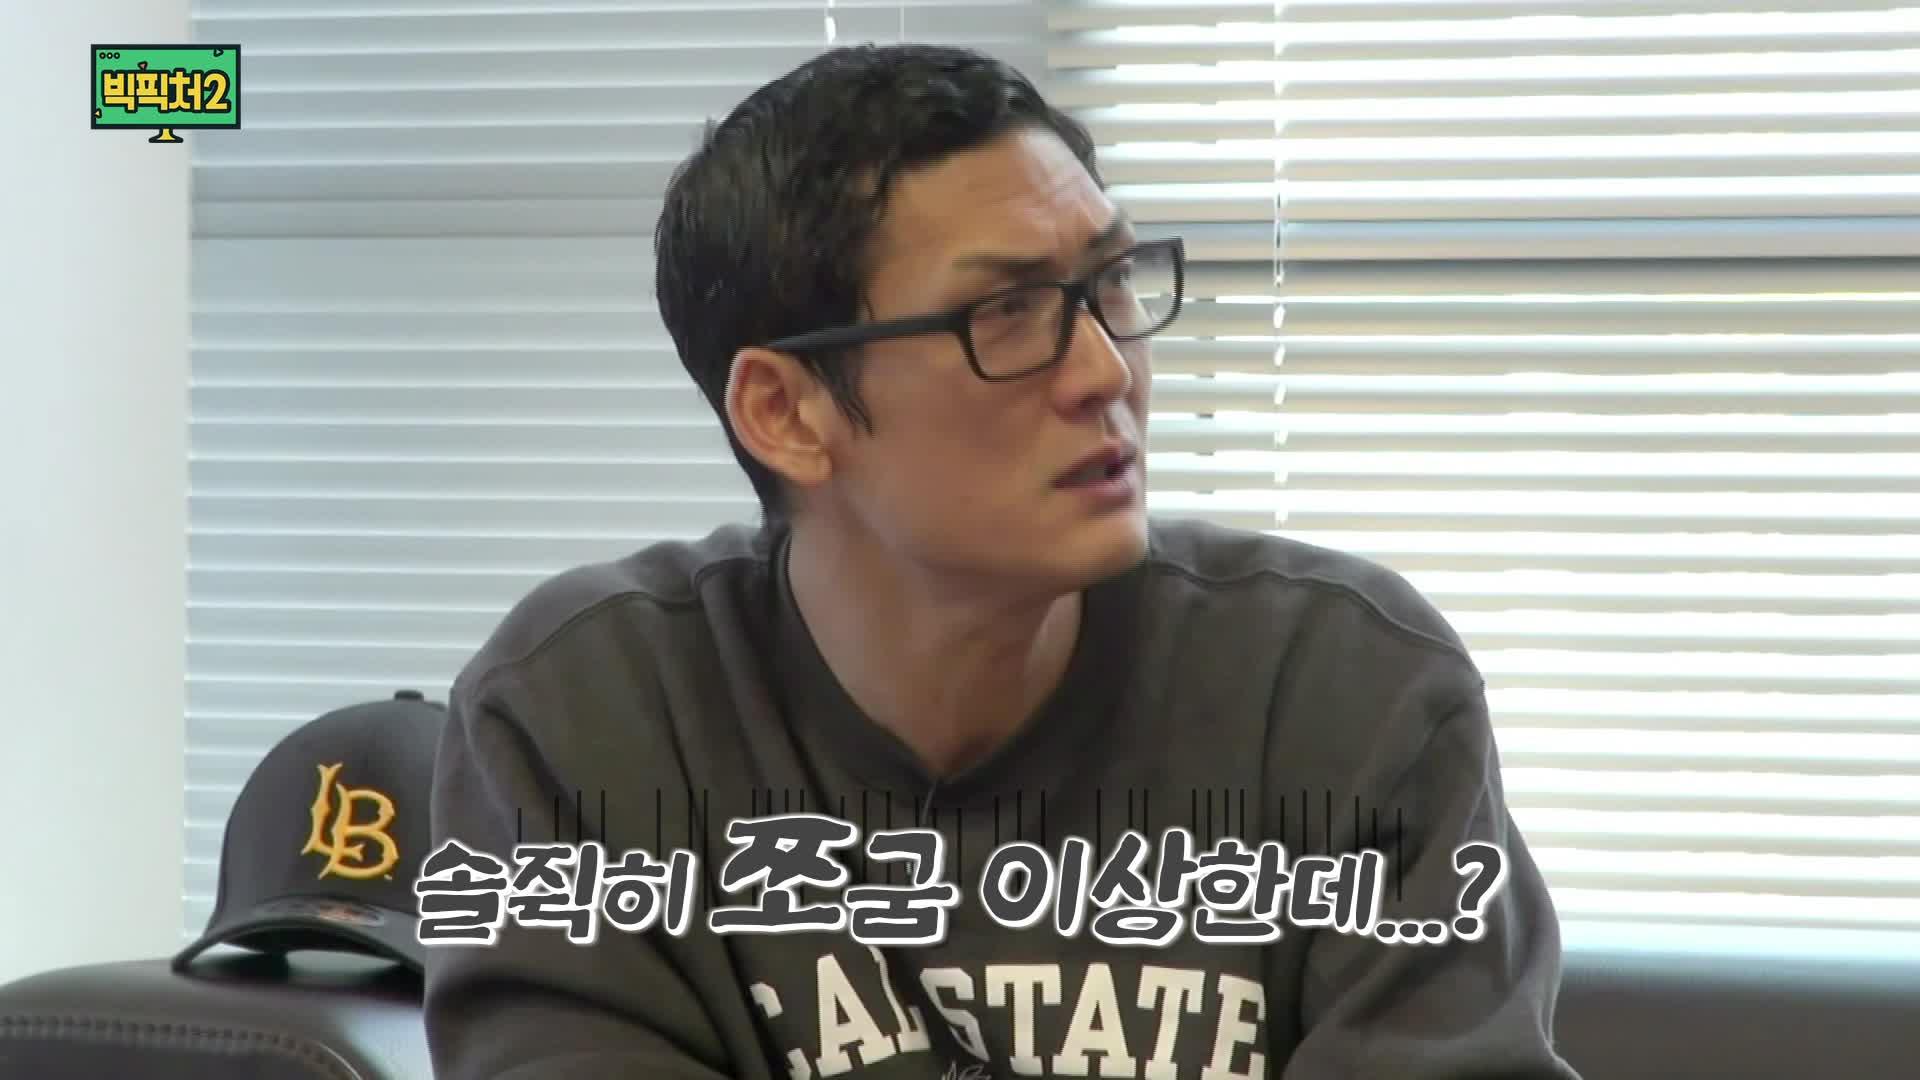 빅픽처2 깜짝영상 10 - 방송 최초! 김종국*호루라기 콜라보